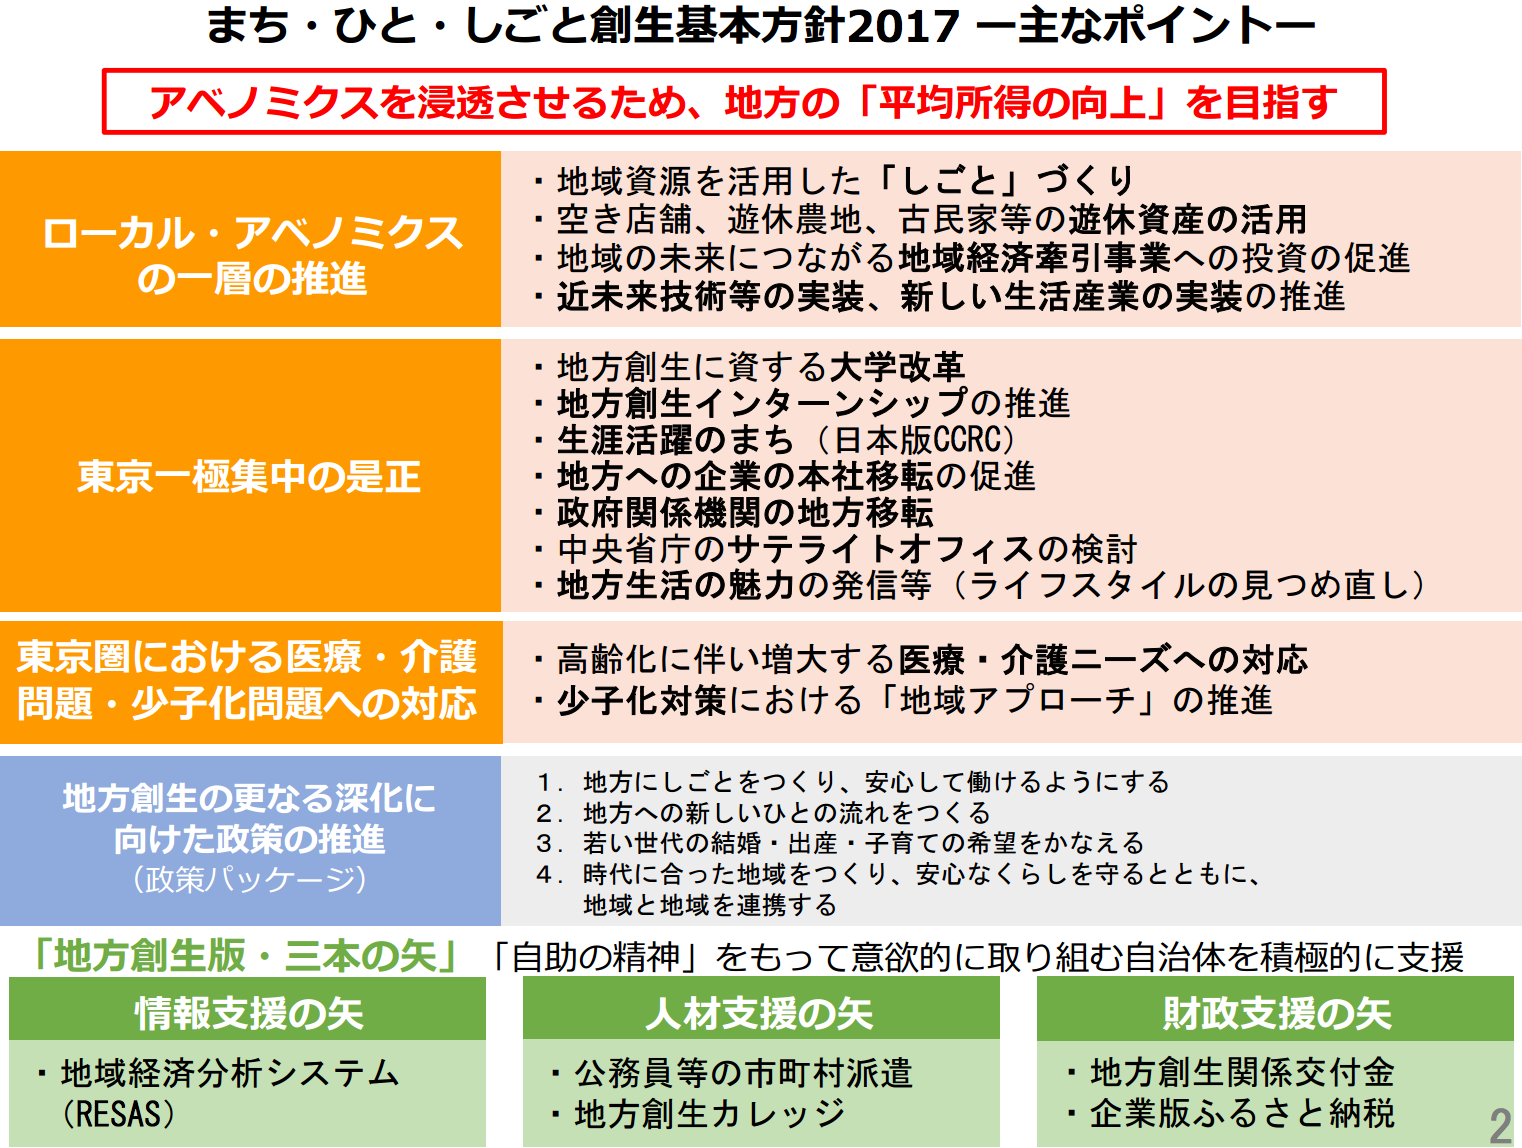 スクリーンショット 2017-06-22 12.56.34.png